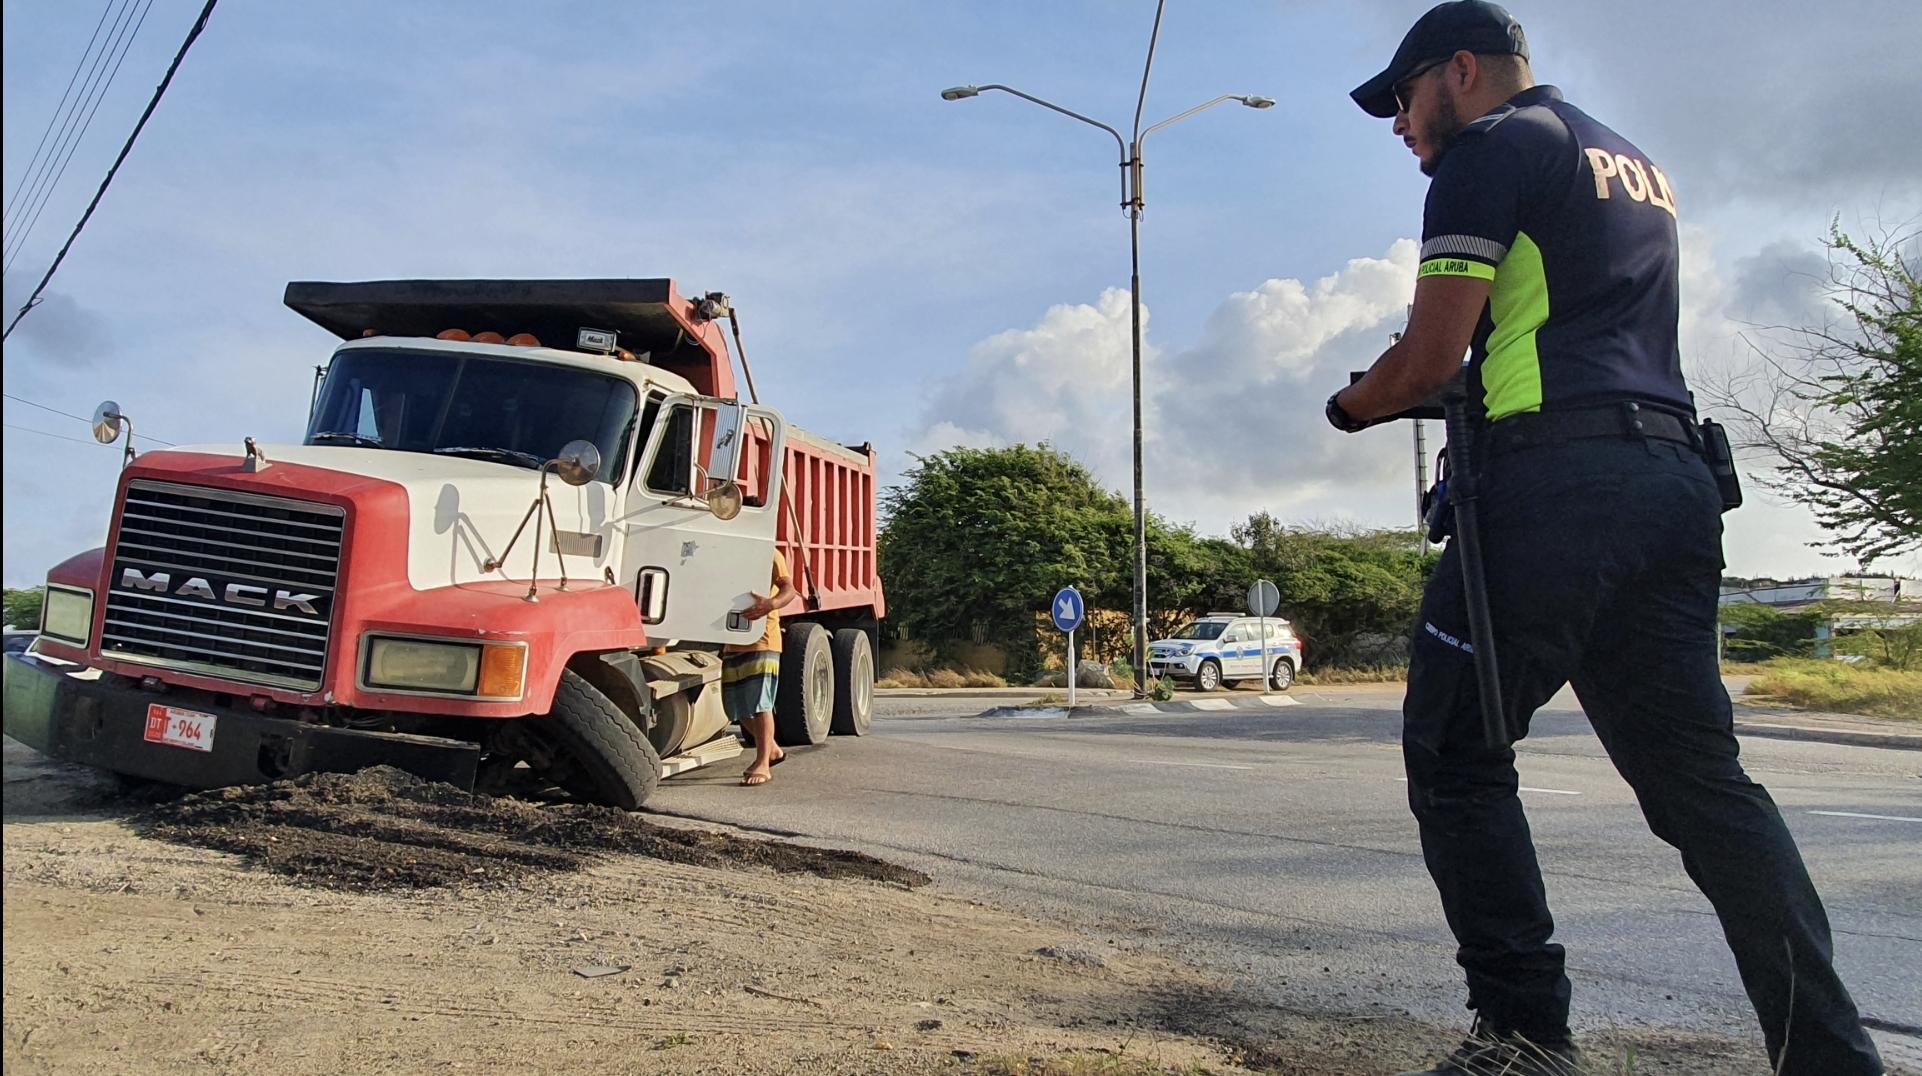 Trafico a pega pisa: Truck a kibra na crusada di Macuarima